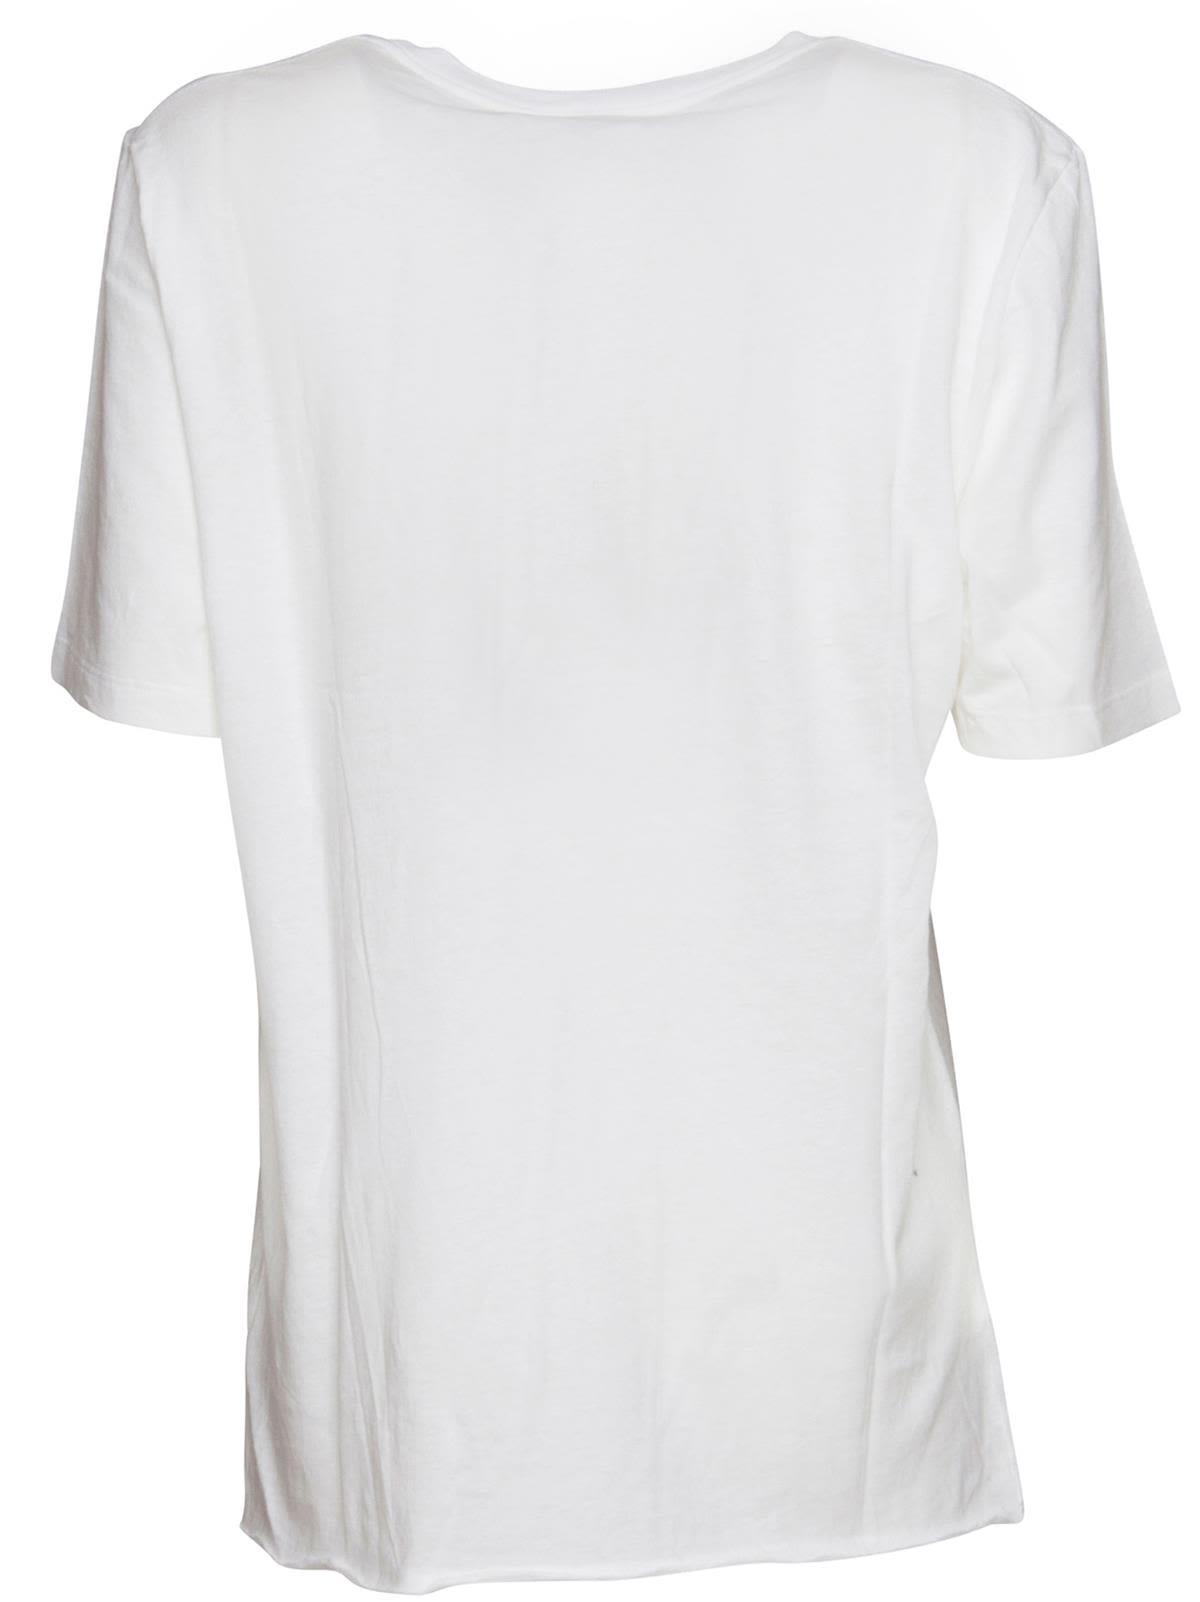 d867207a7 Saint Laurent Saint Laurent Studs T-shirt In White - BIANCO ...